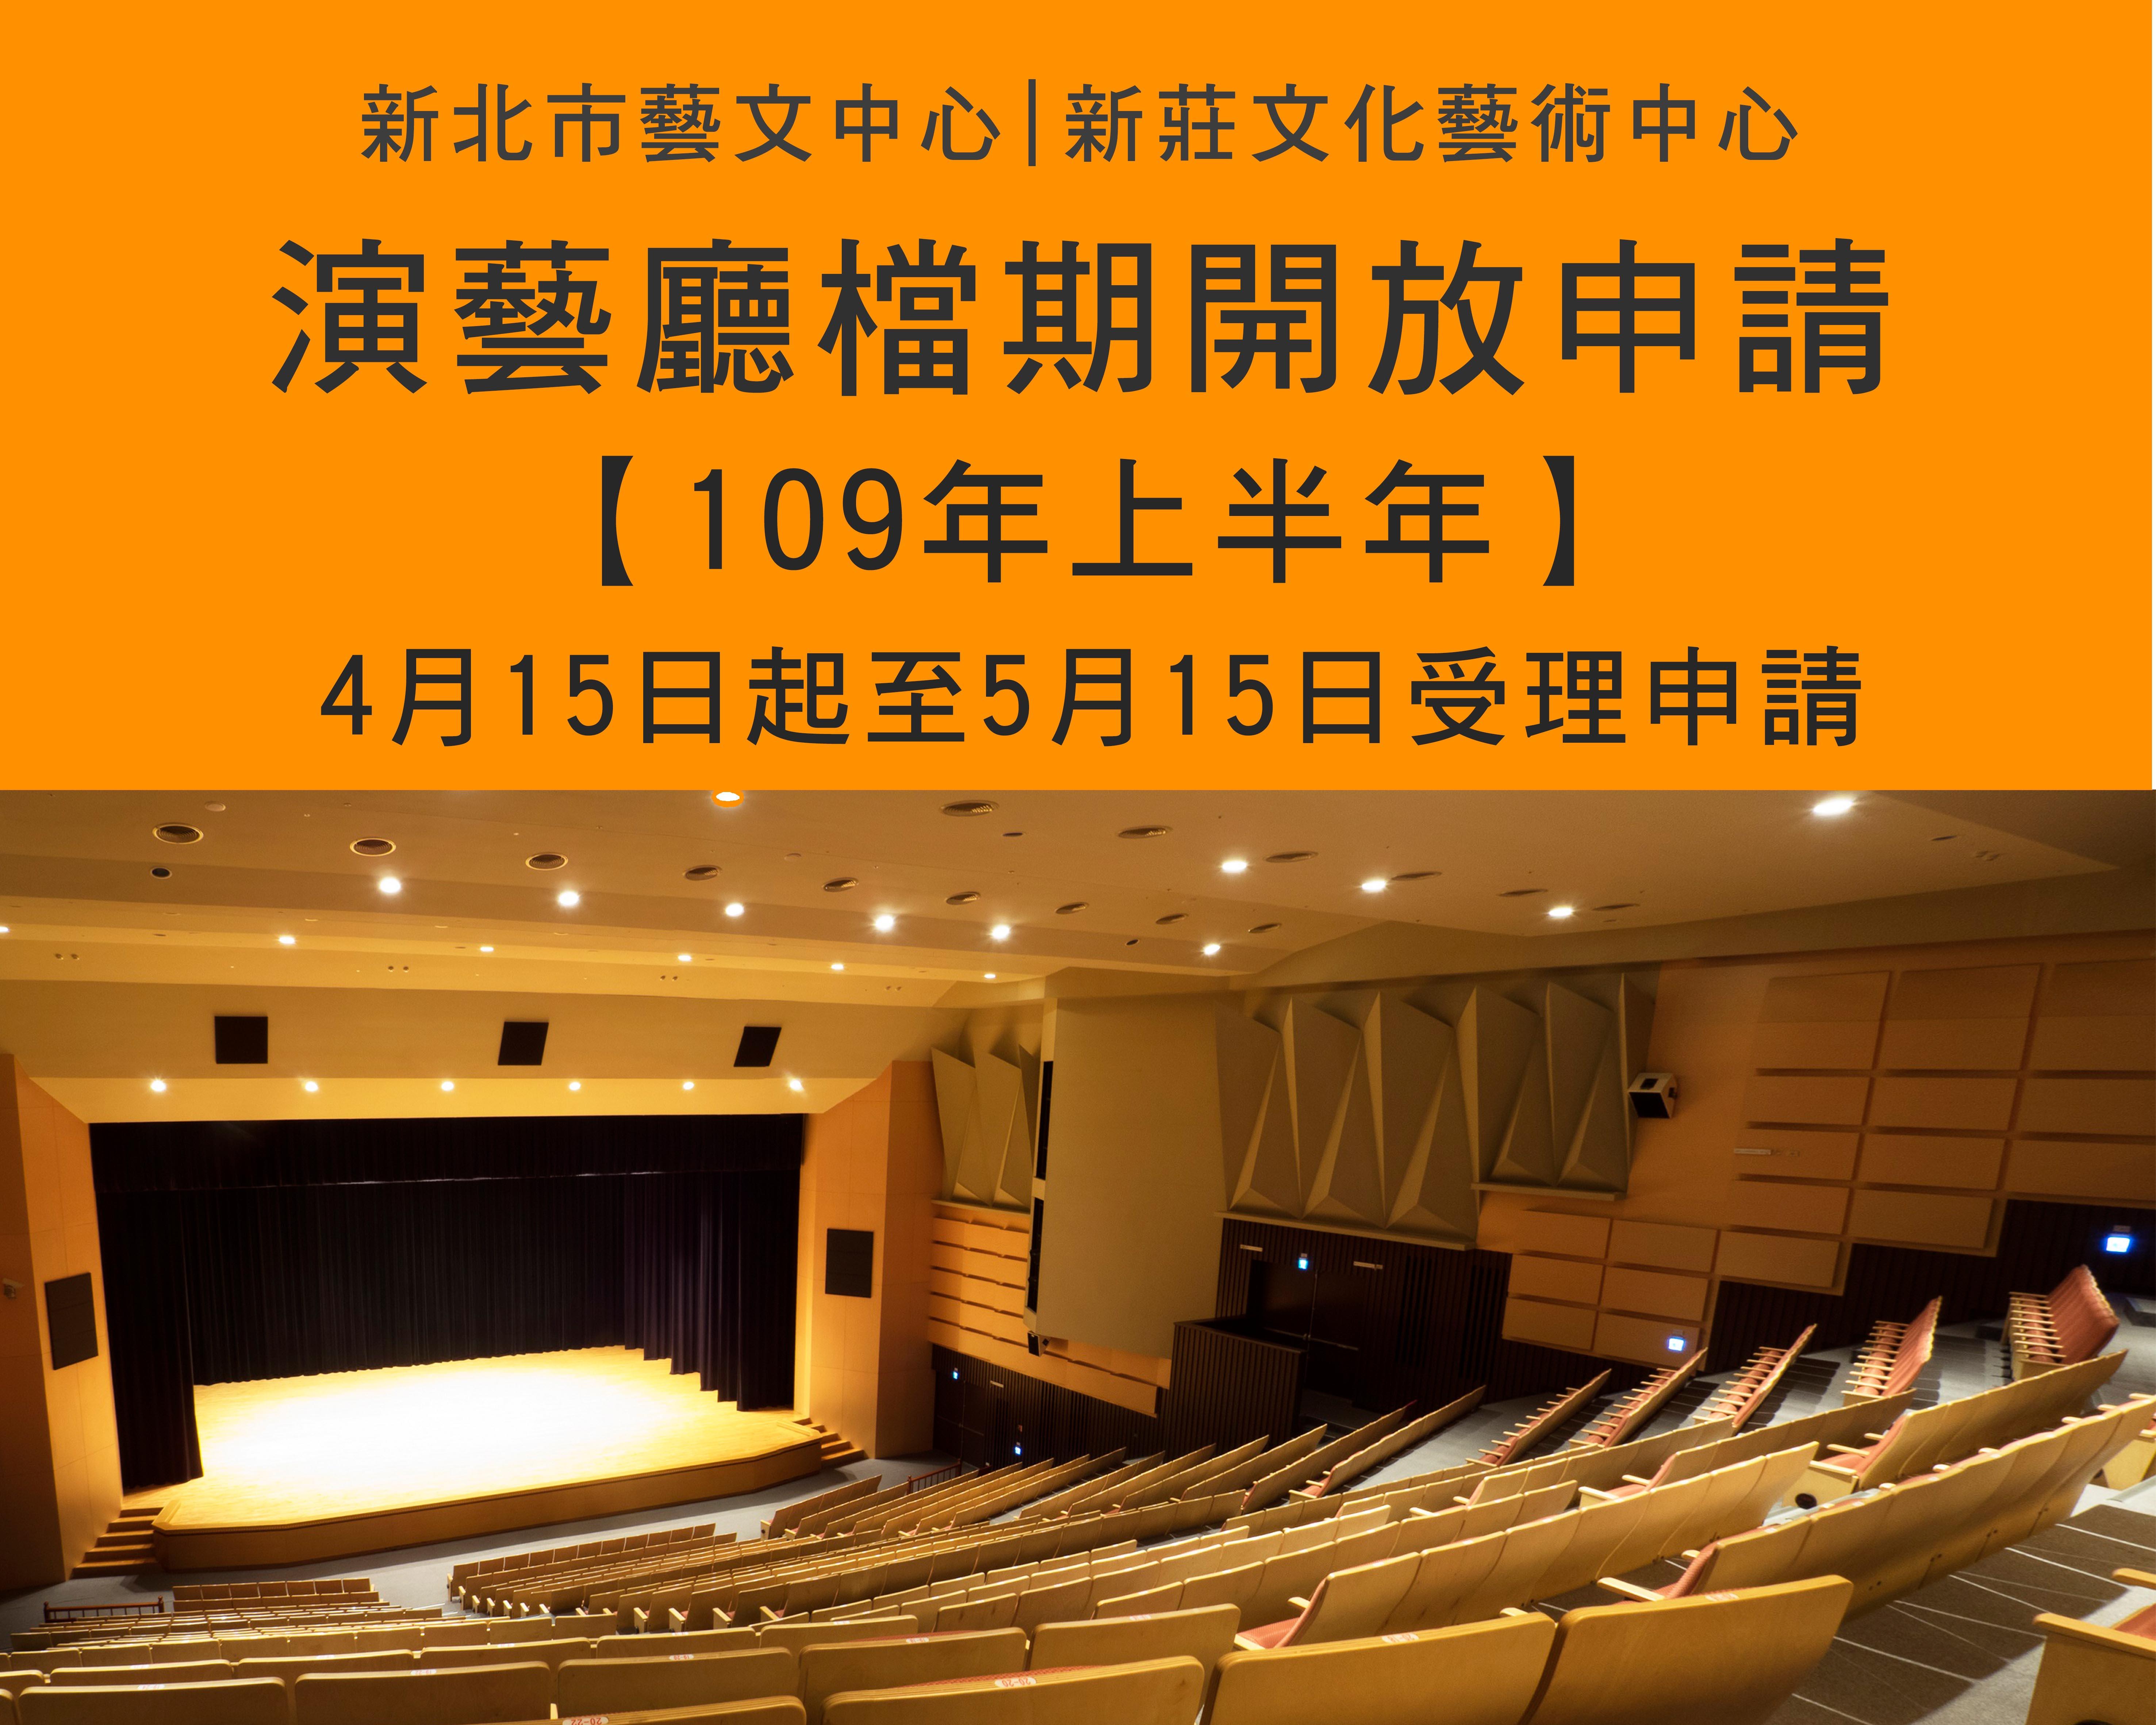 【公告】新北市藝文中心及新莊文化藝術中心演藝廳109年上半年檔期開放申請